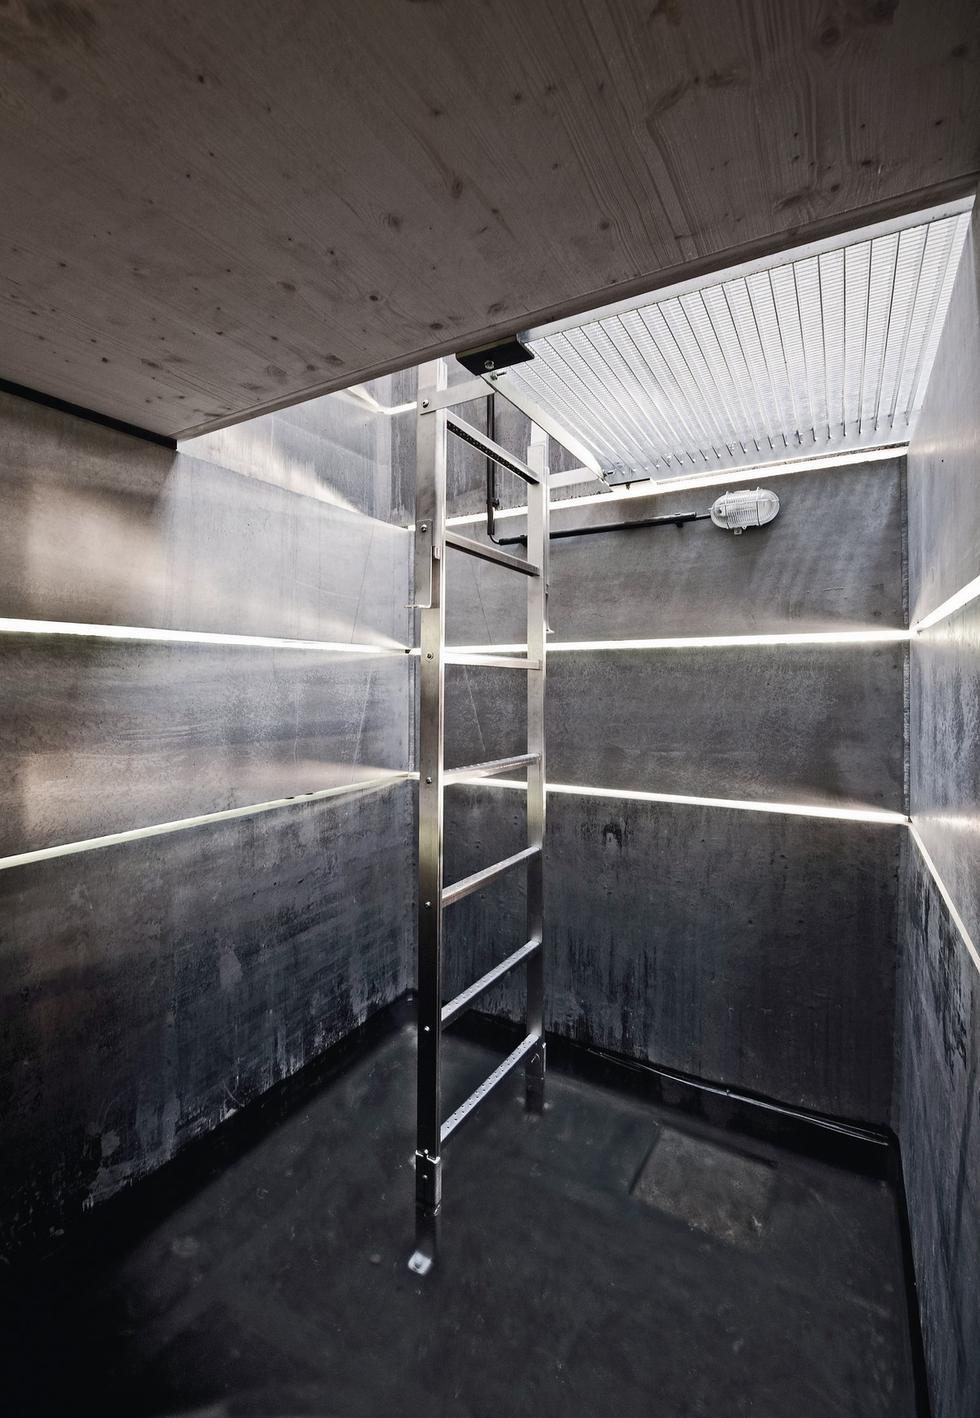 Pochwała nieróbstwa - jednoosobowa sauna w Bochum